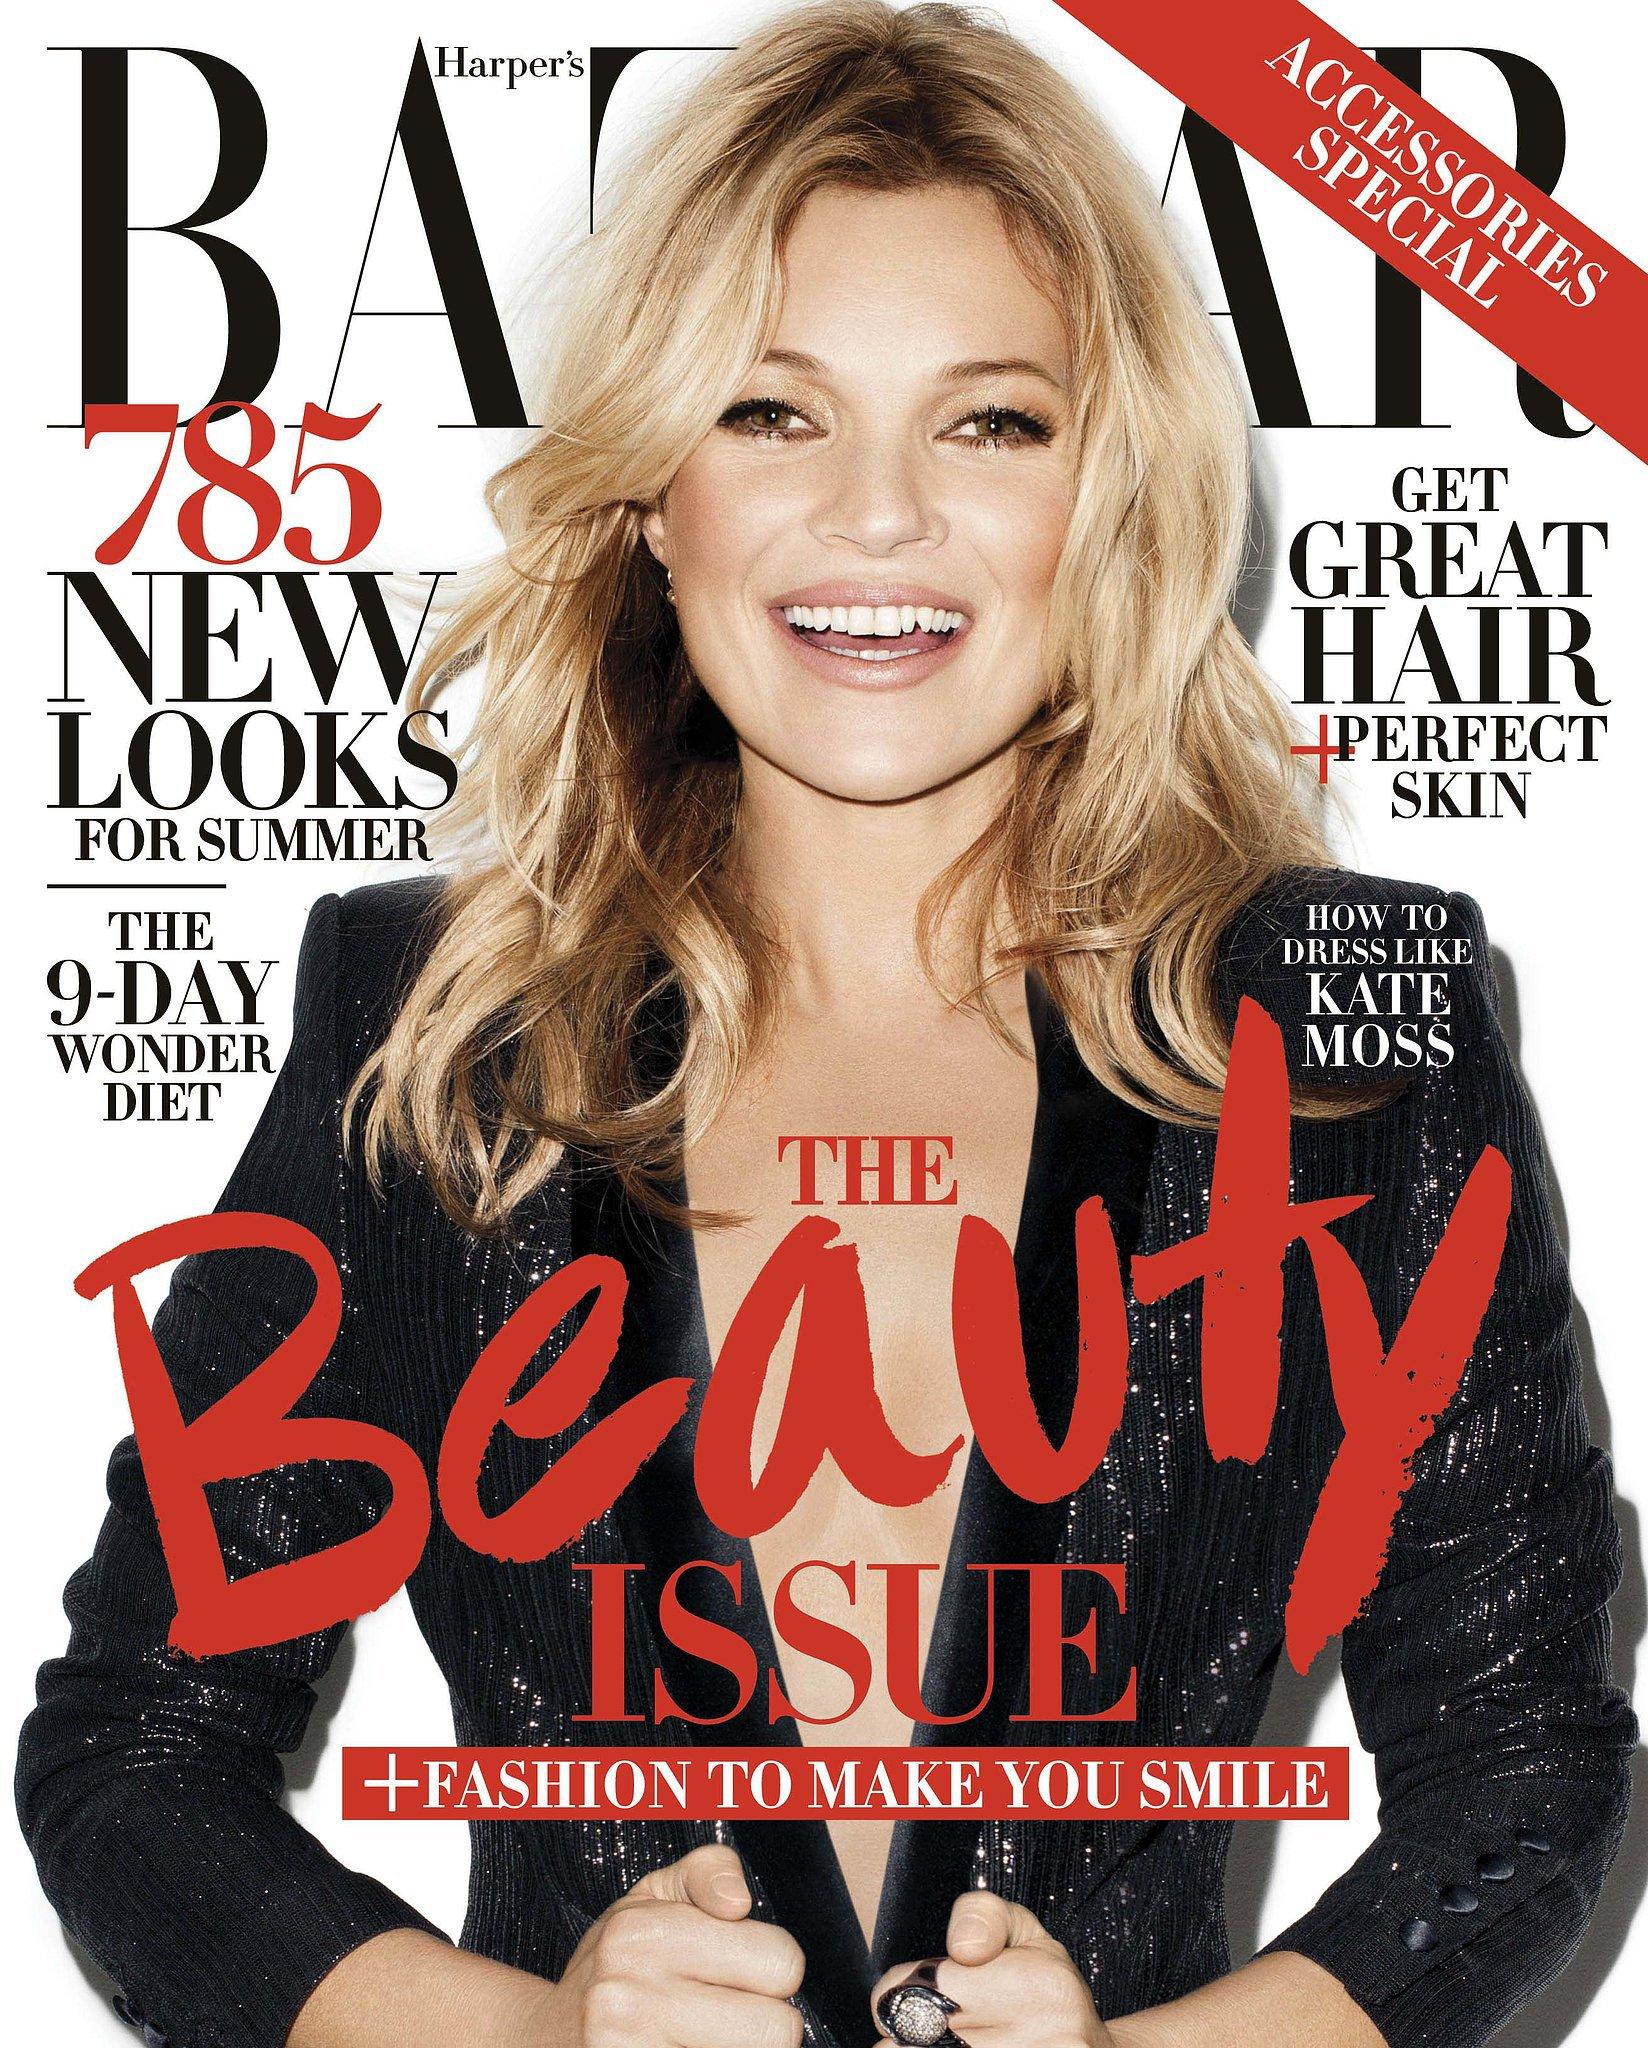 Harper's Bazaar May 2014